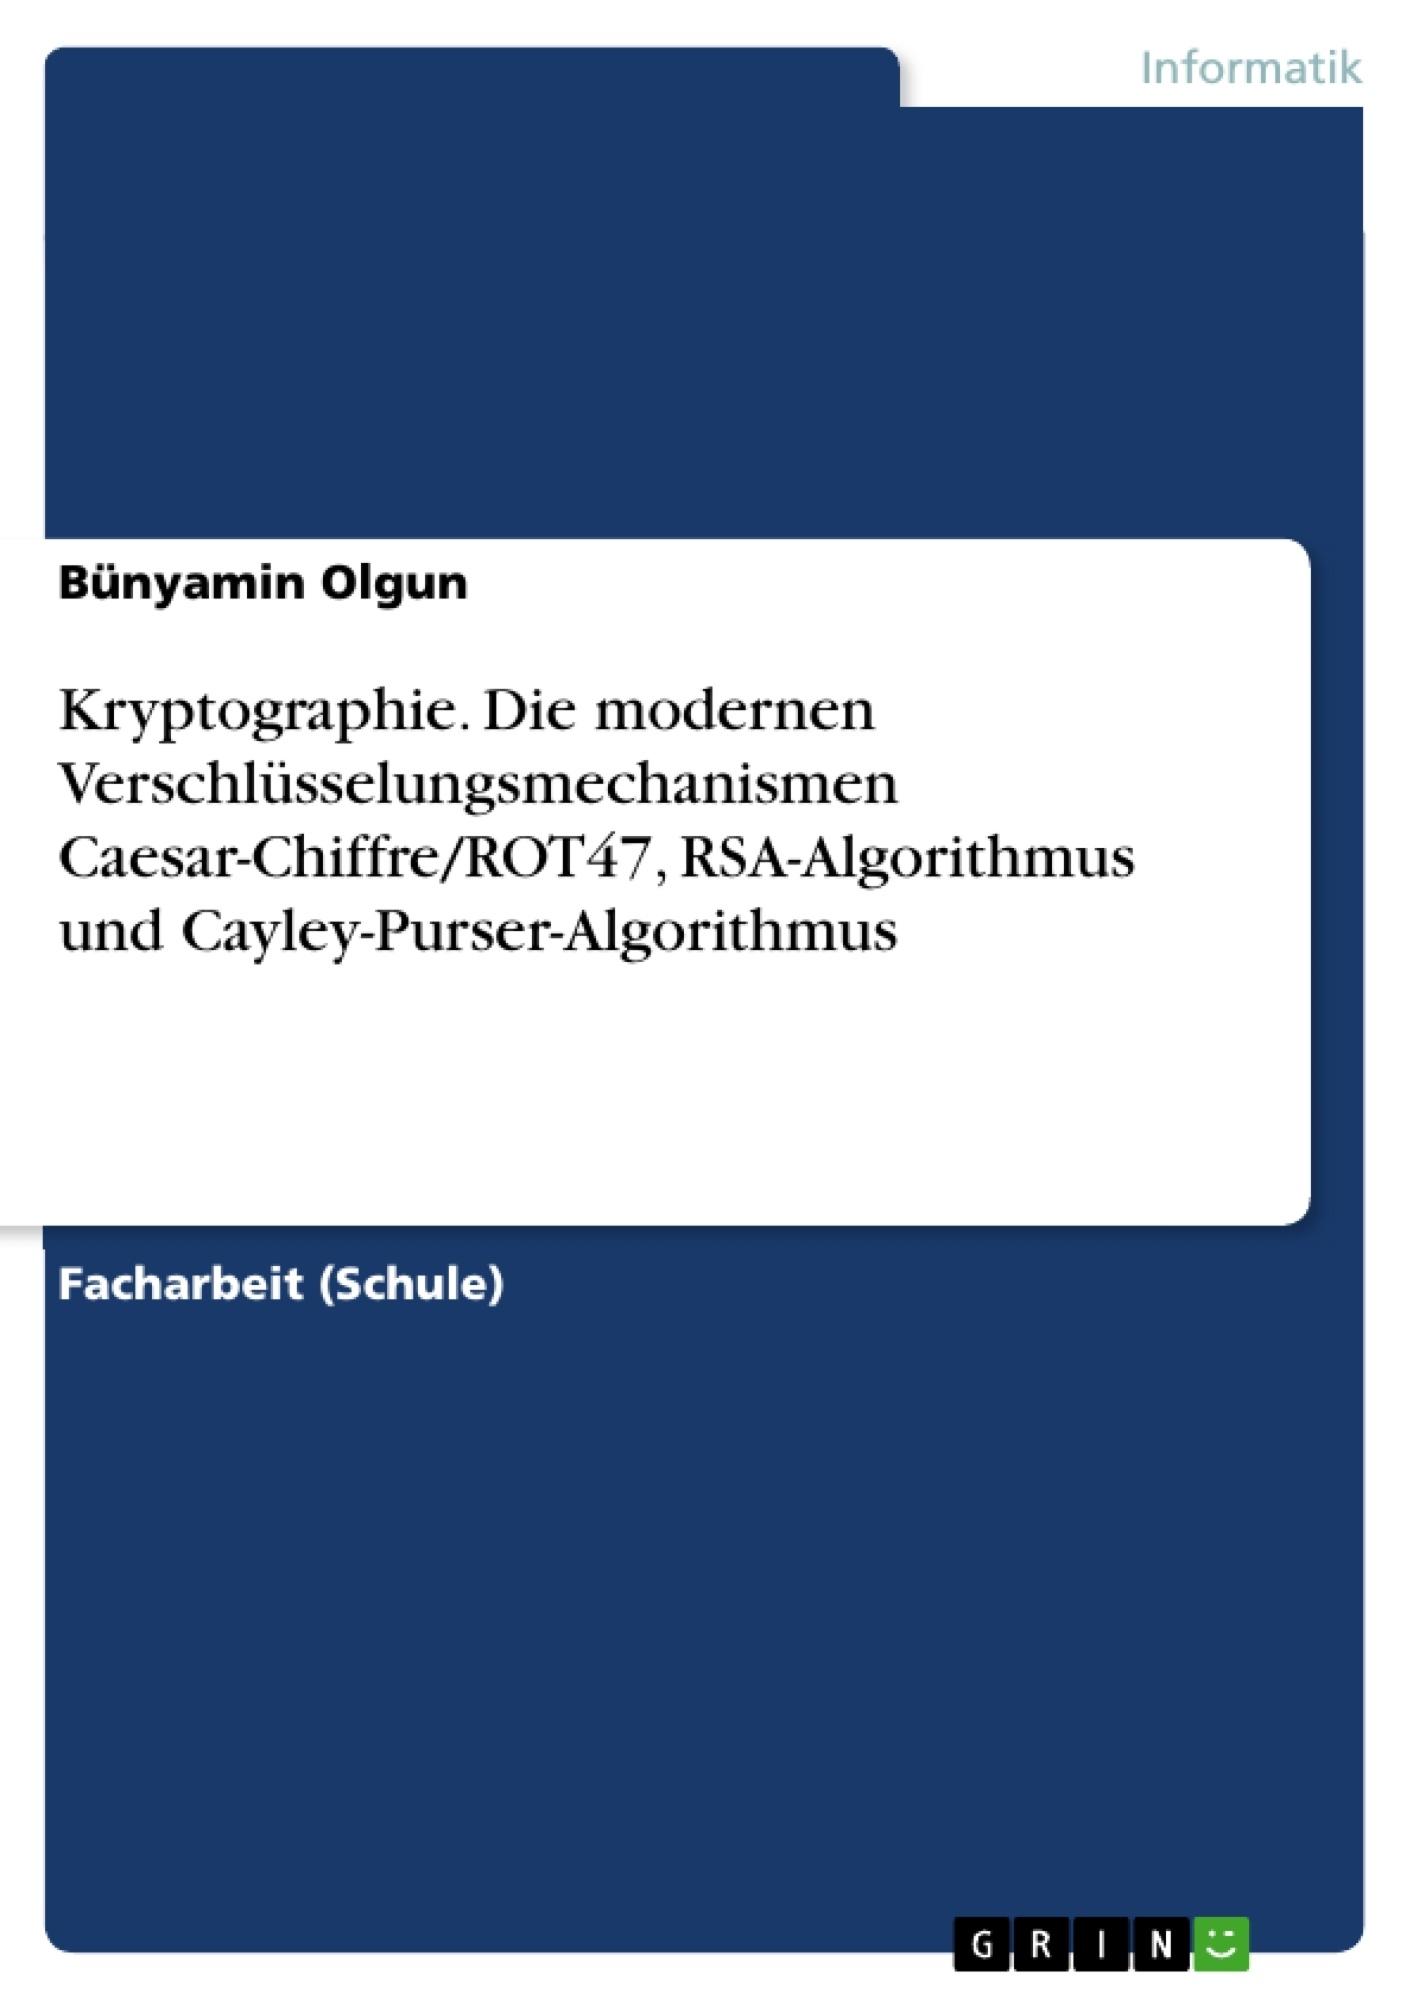 Titel: Kryptographie. Die modernen Verschlüsselungsmechanismen Caesar-Chiffre/ROT47, RSA-Algorithmus und Cayley-Purser-Algorithmus